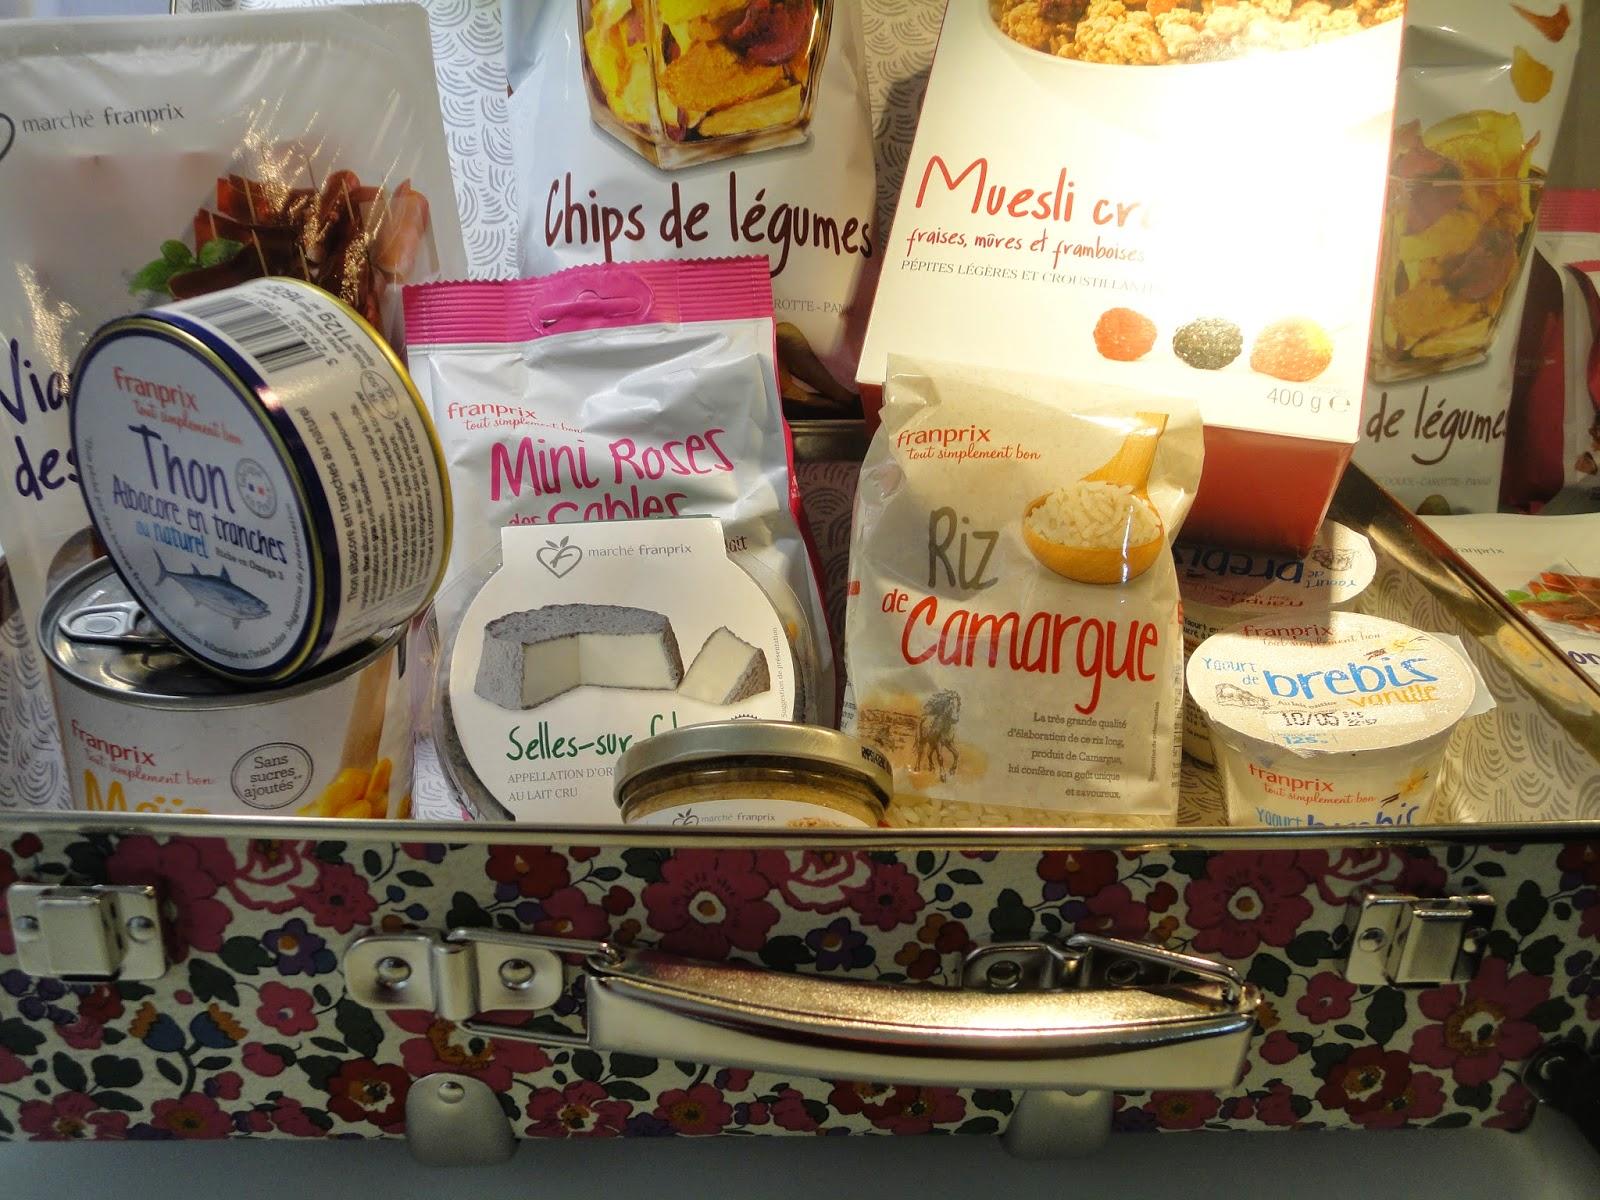 Battle culinaire sur le thème du Pique-nique: 4 recettes inédites